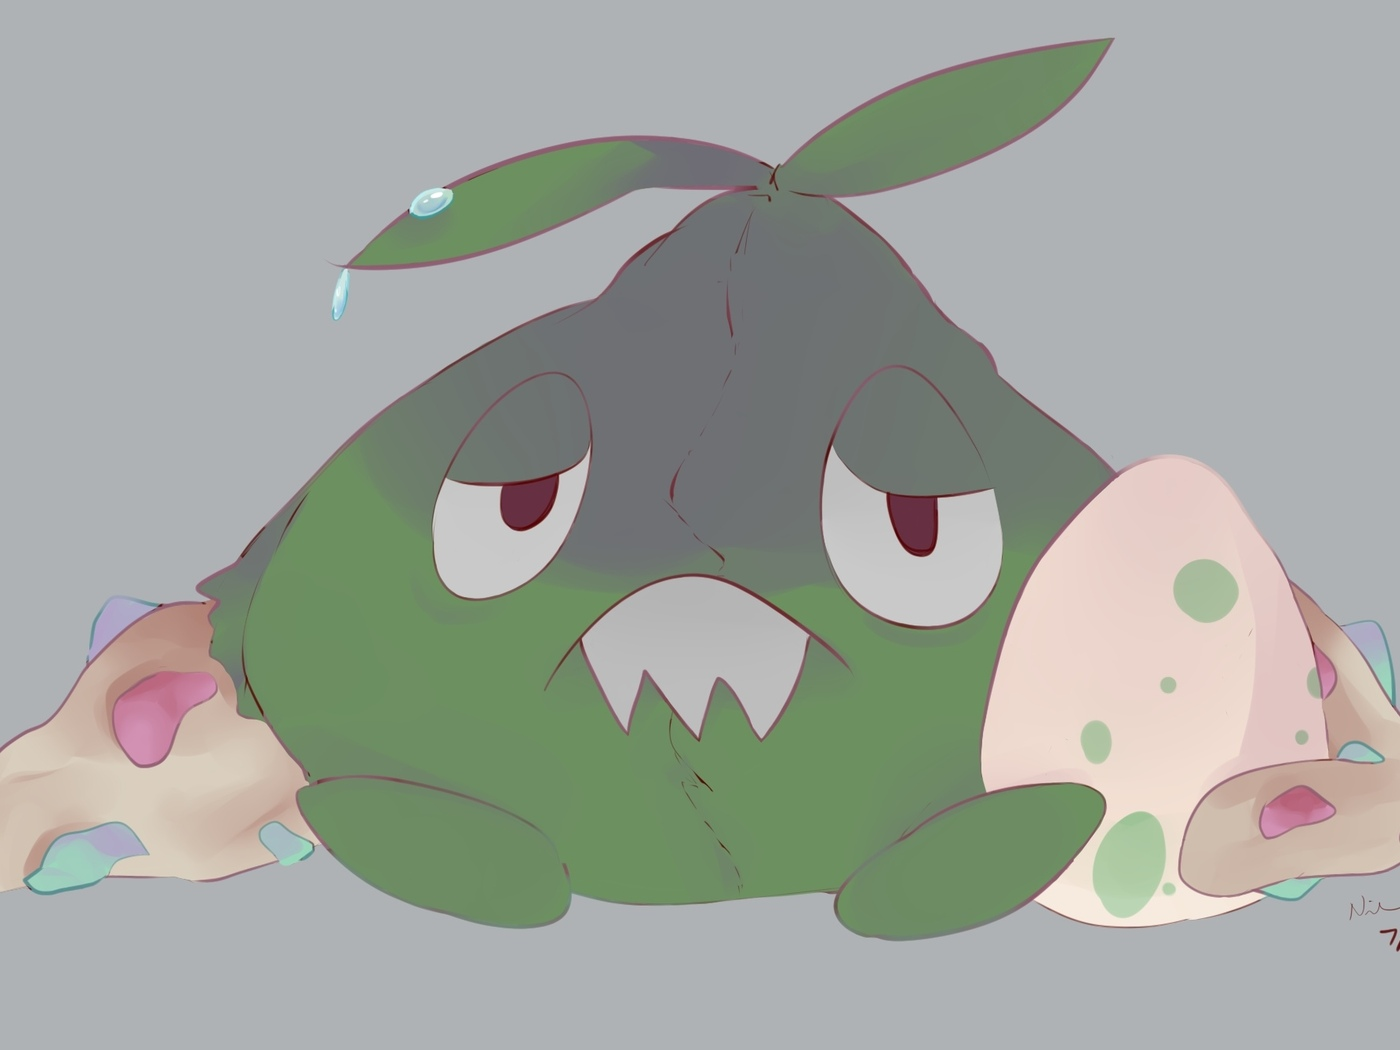 trubbish, pokemon